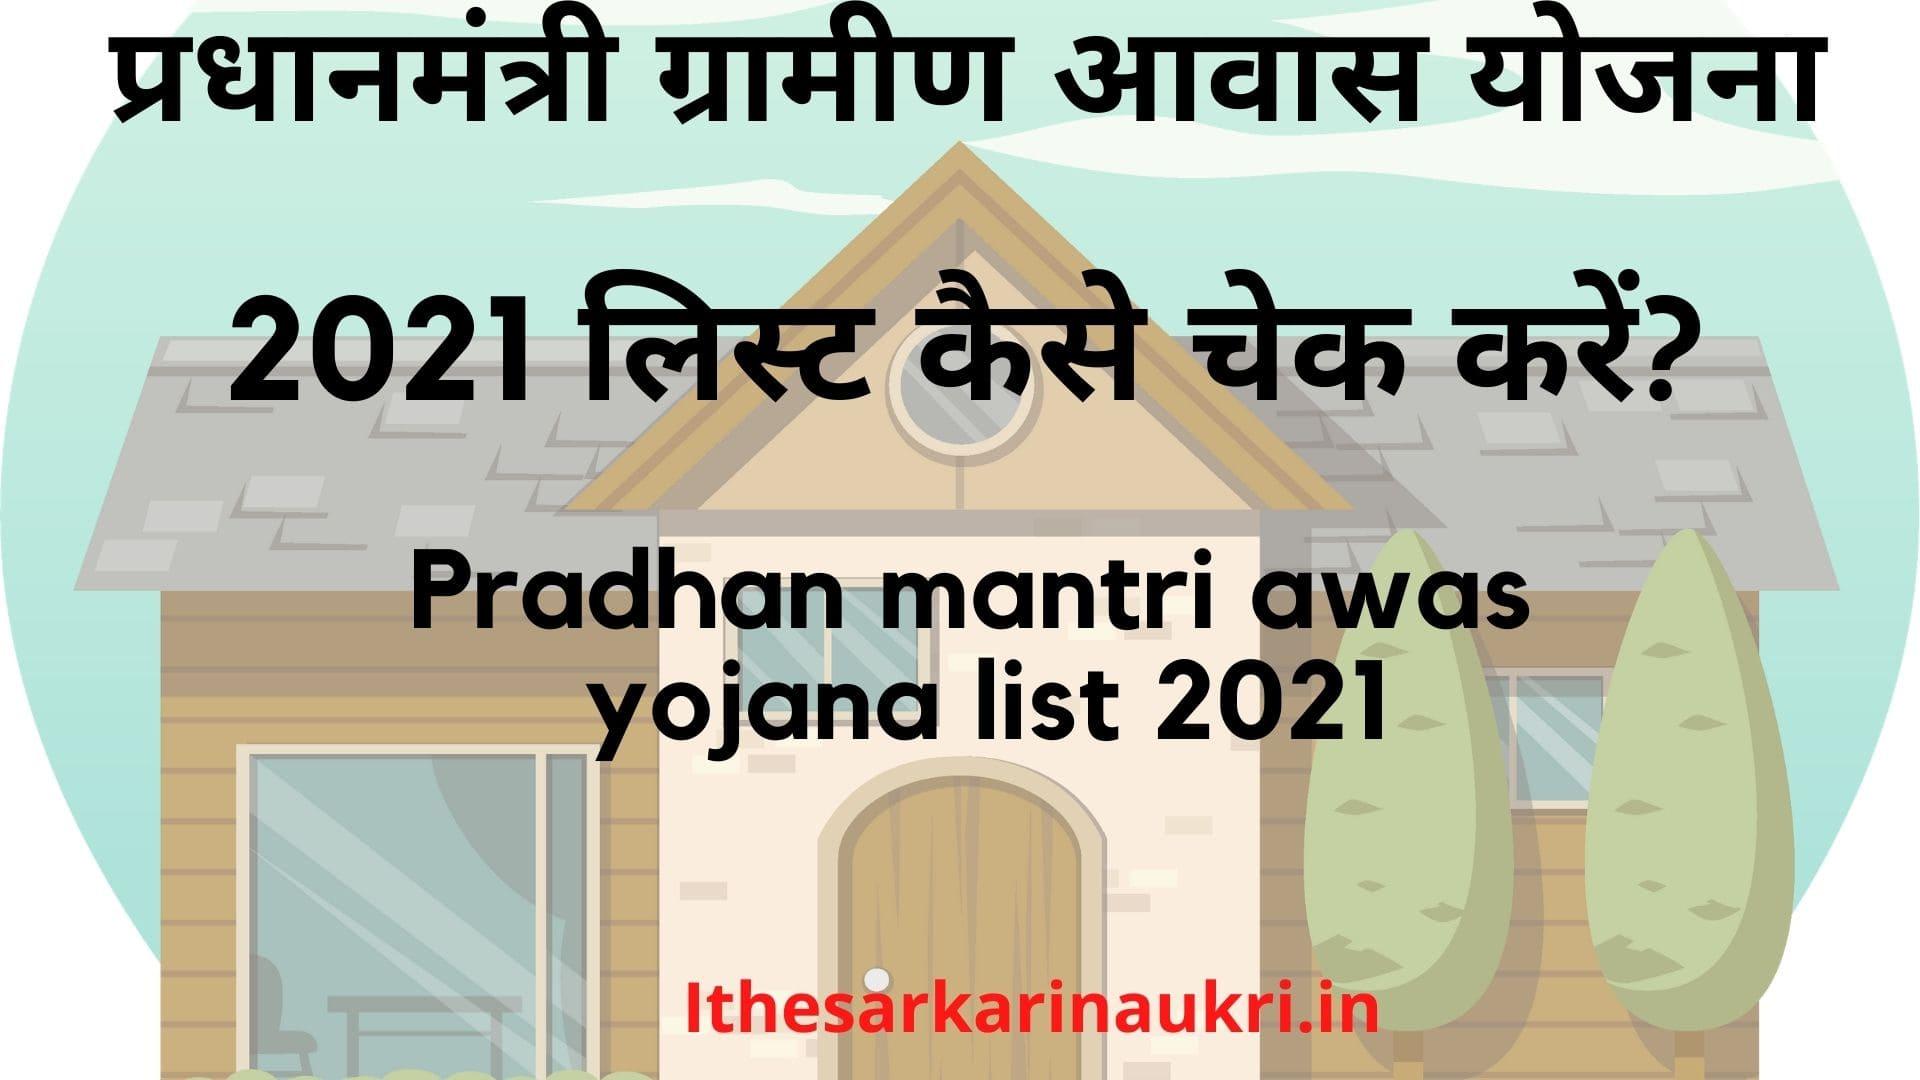 प्रधानमंत्री आवास योजना 2021 की नई लिस्ट कैसे देखें